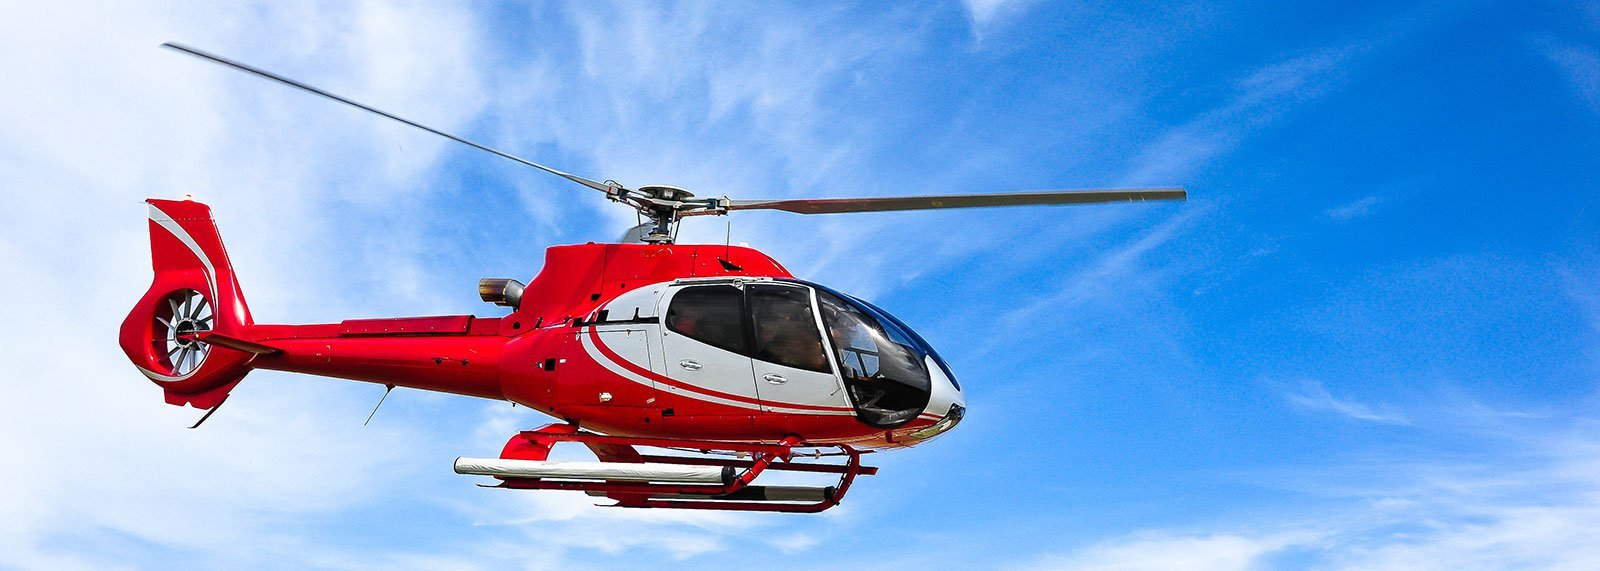 Escursione in elicottero - La Rosa nel Borgo